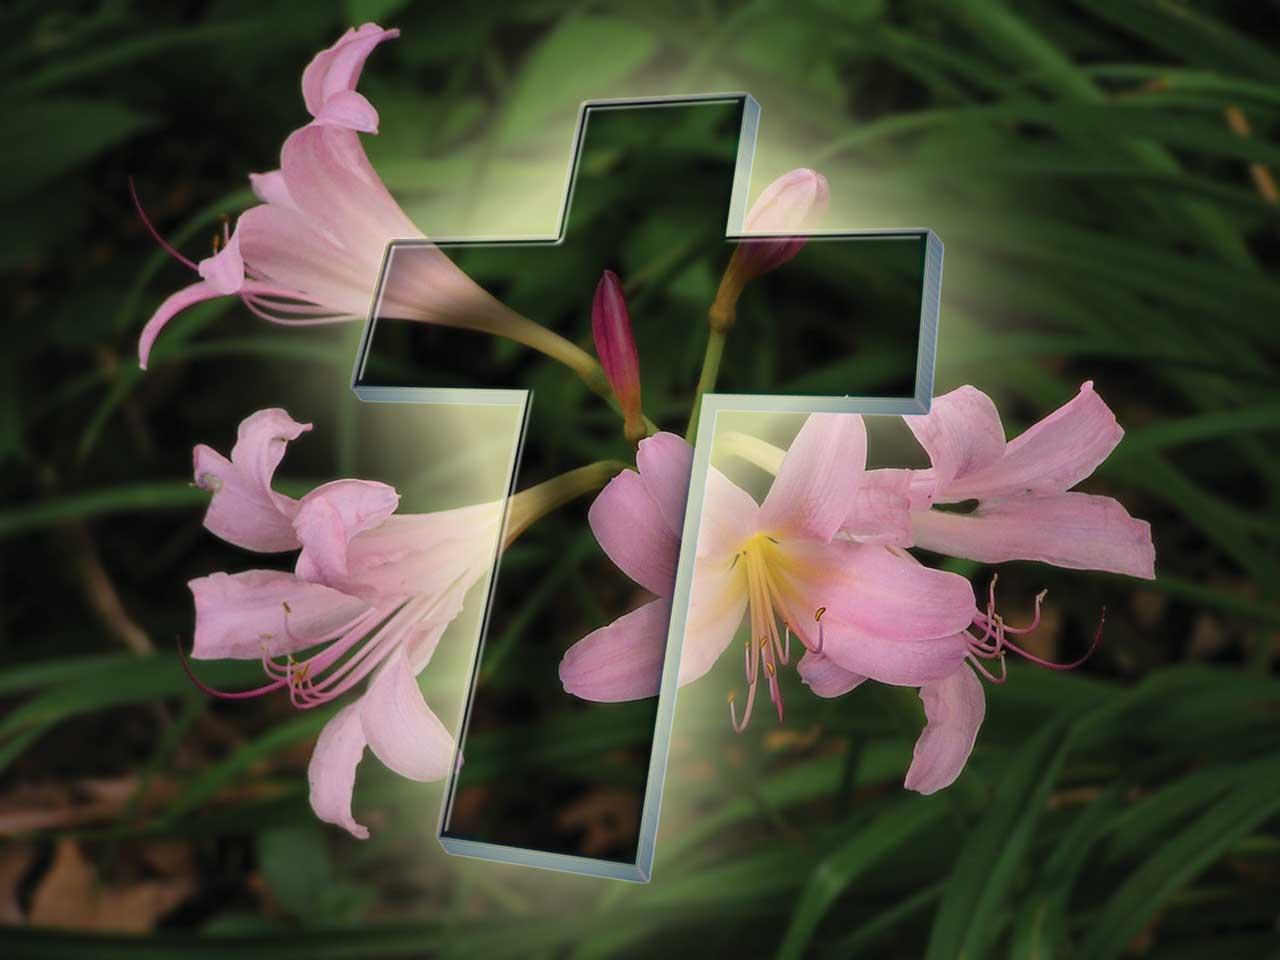 Desktop Wallpapers Backgrounds Happy Easter Wallpapers 2011 1280x960